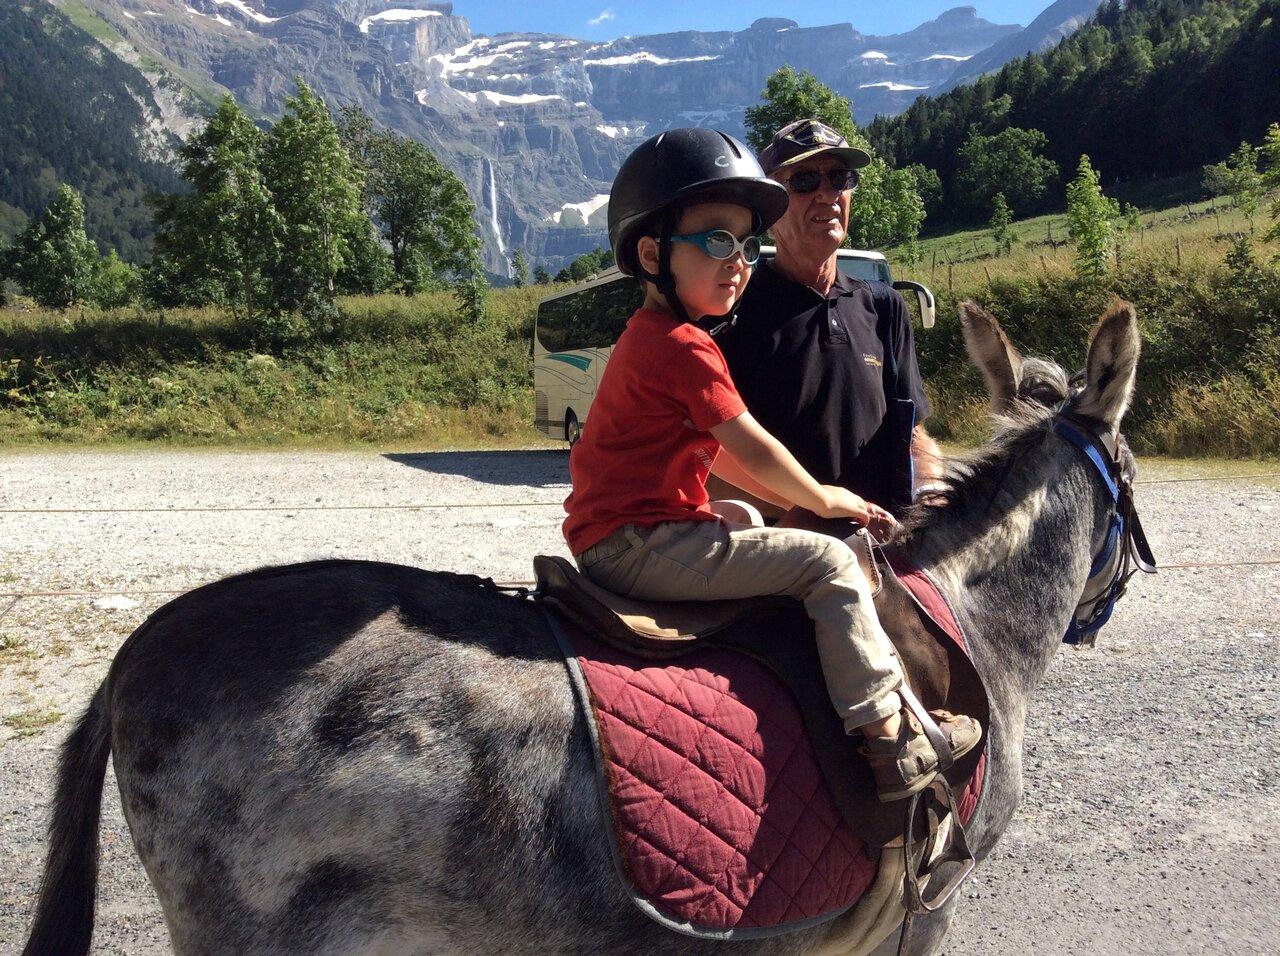 5歳の頃の直人くん。ピレネー山脈の麓にて。ロバさんに乗ってご満悦の様子。  写真提供:ダヴィエ佐知子